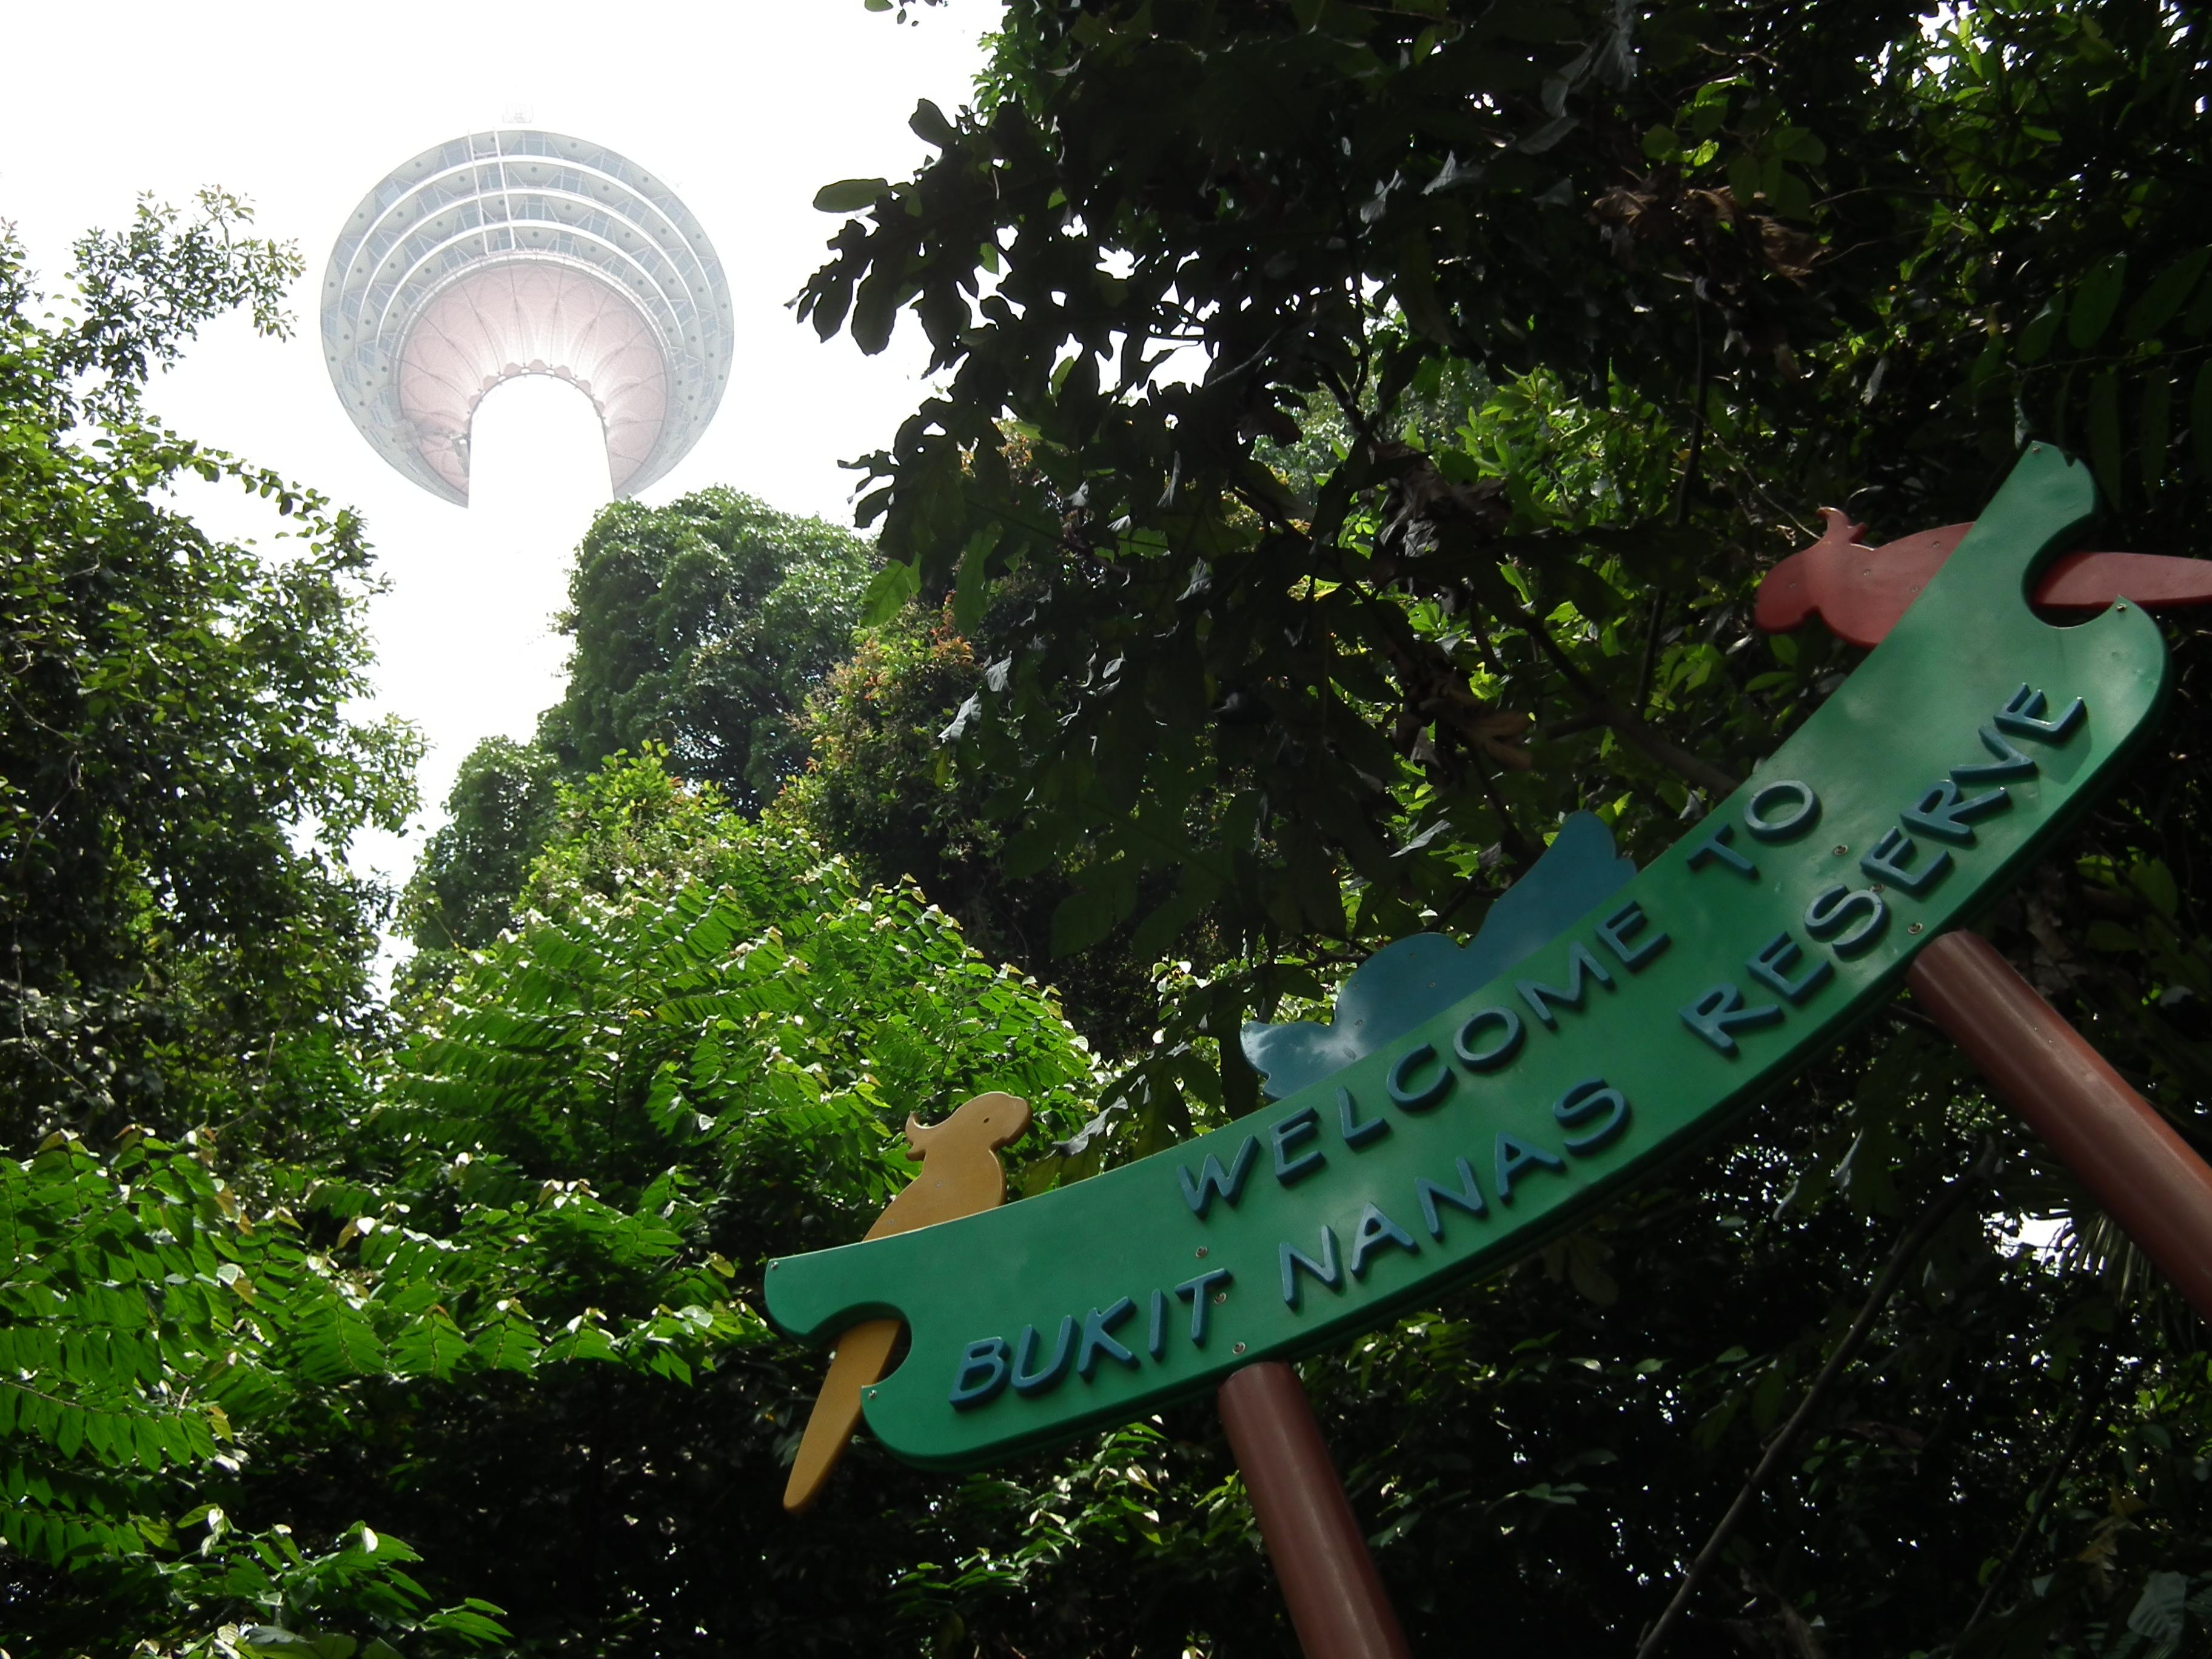 Kết quả hình ảnh cho Bukit Nanas